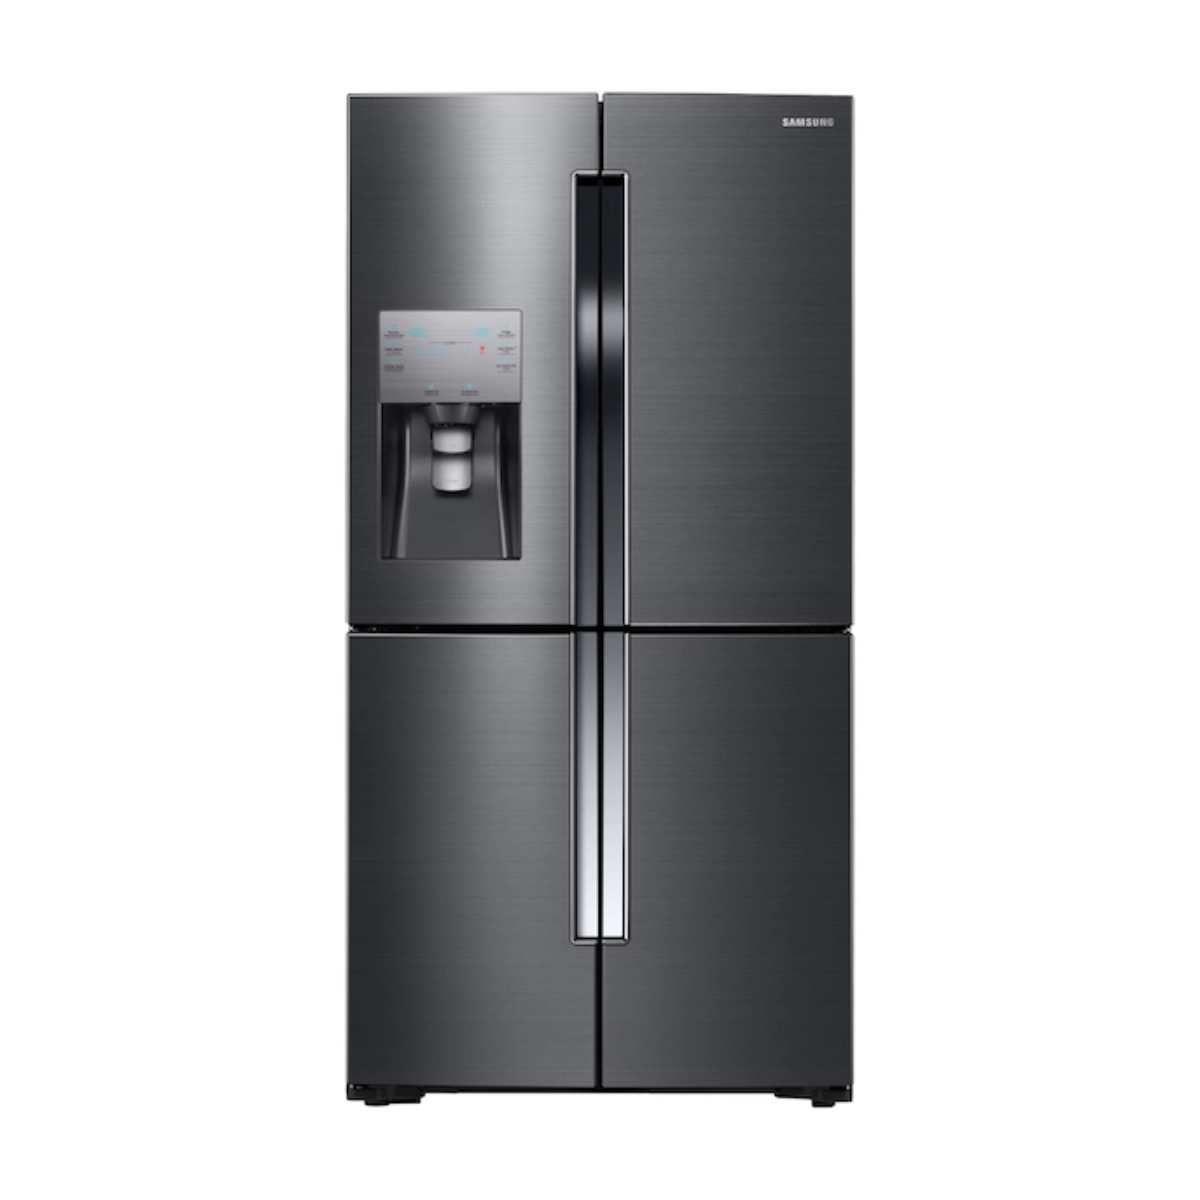 சேம்சங் 637 litre Bespoke 4-Door Flex Refrigerator